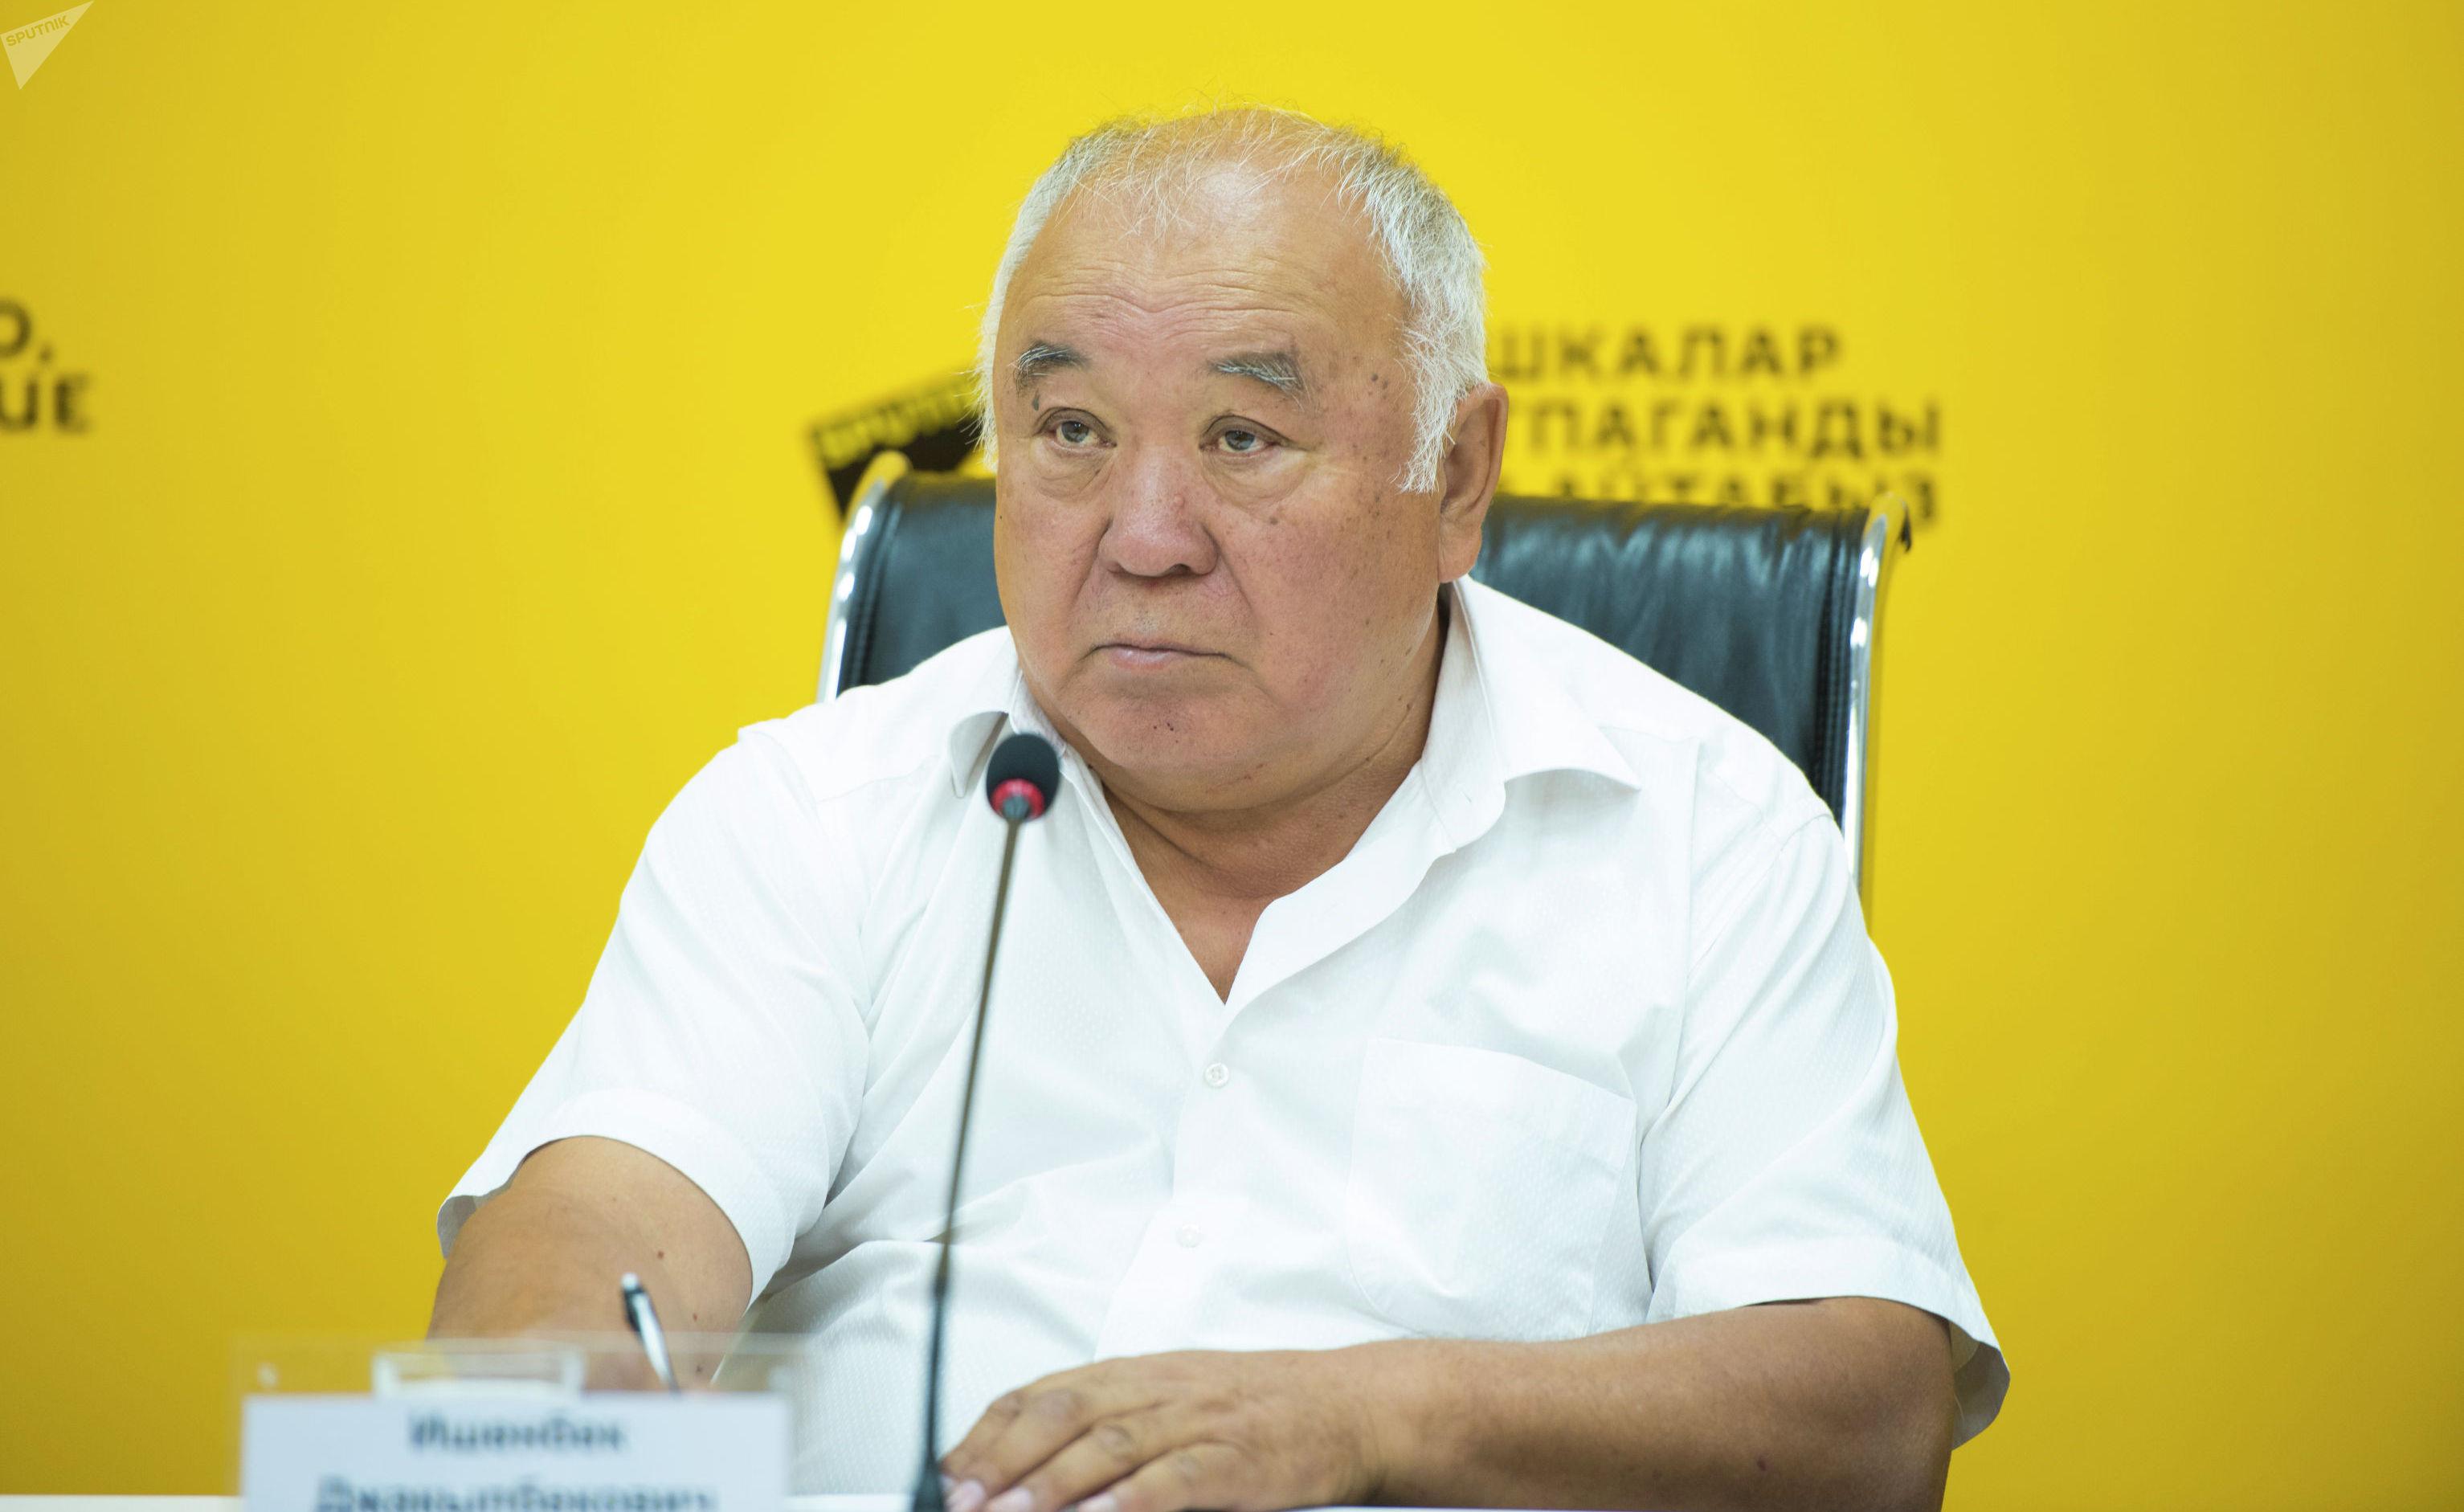 Вице-президент Международной конфедерации пирамиды Ишенбек Джакыпбеков во время видеомоста в мультимедийном пресс-центре Sputnik Кыргызстан